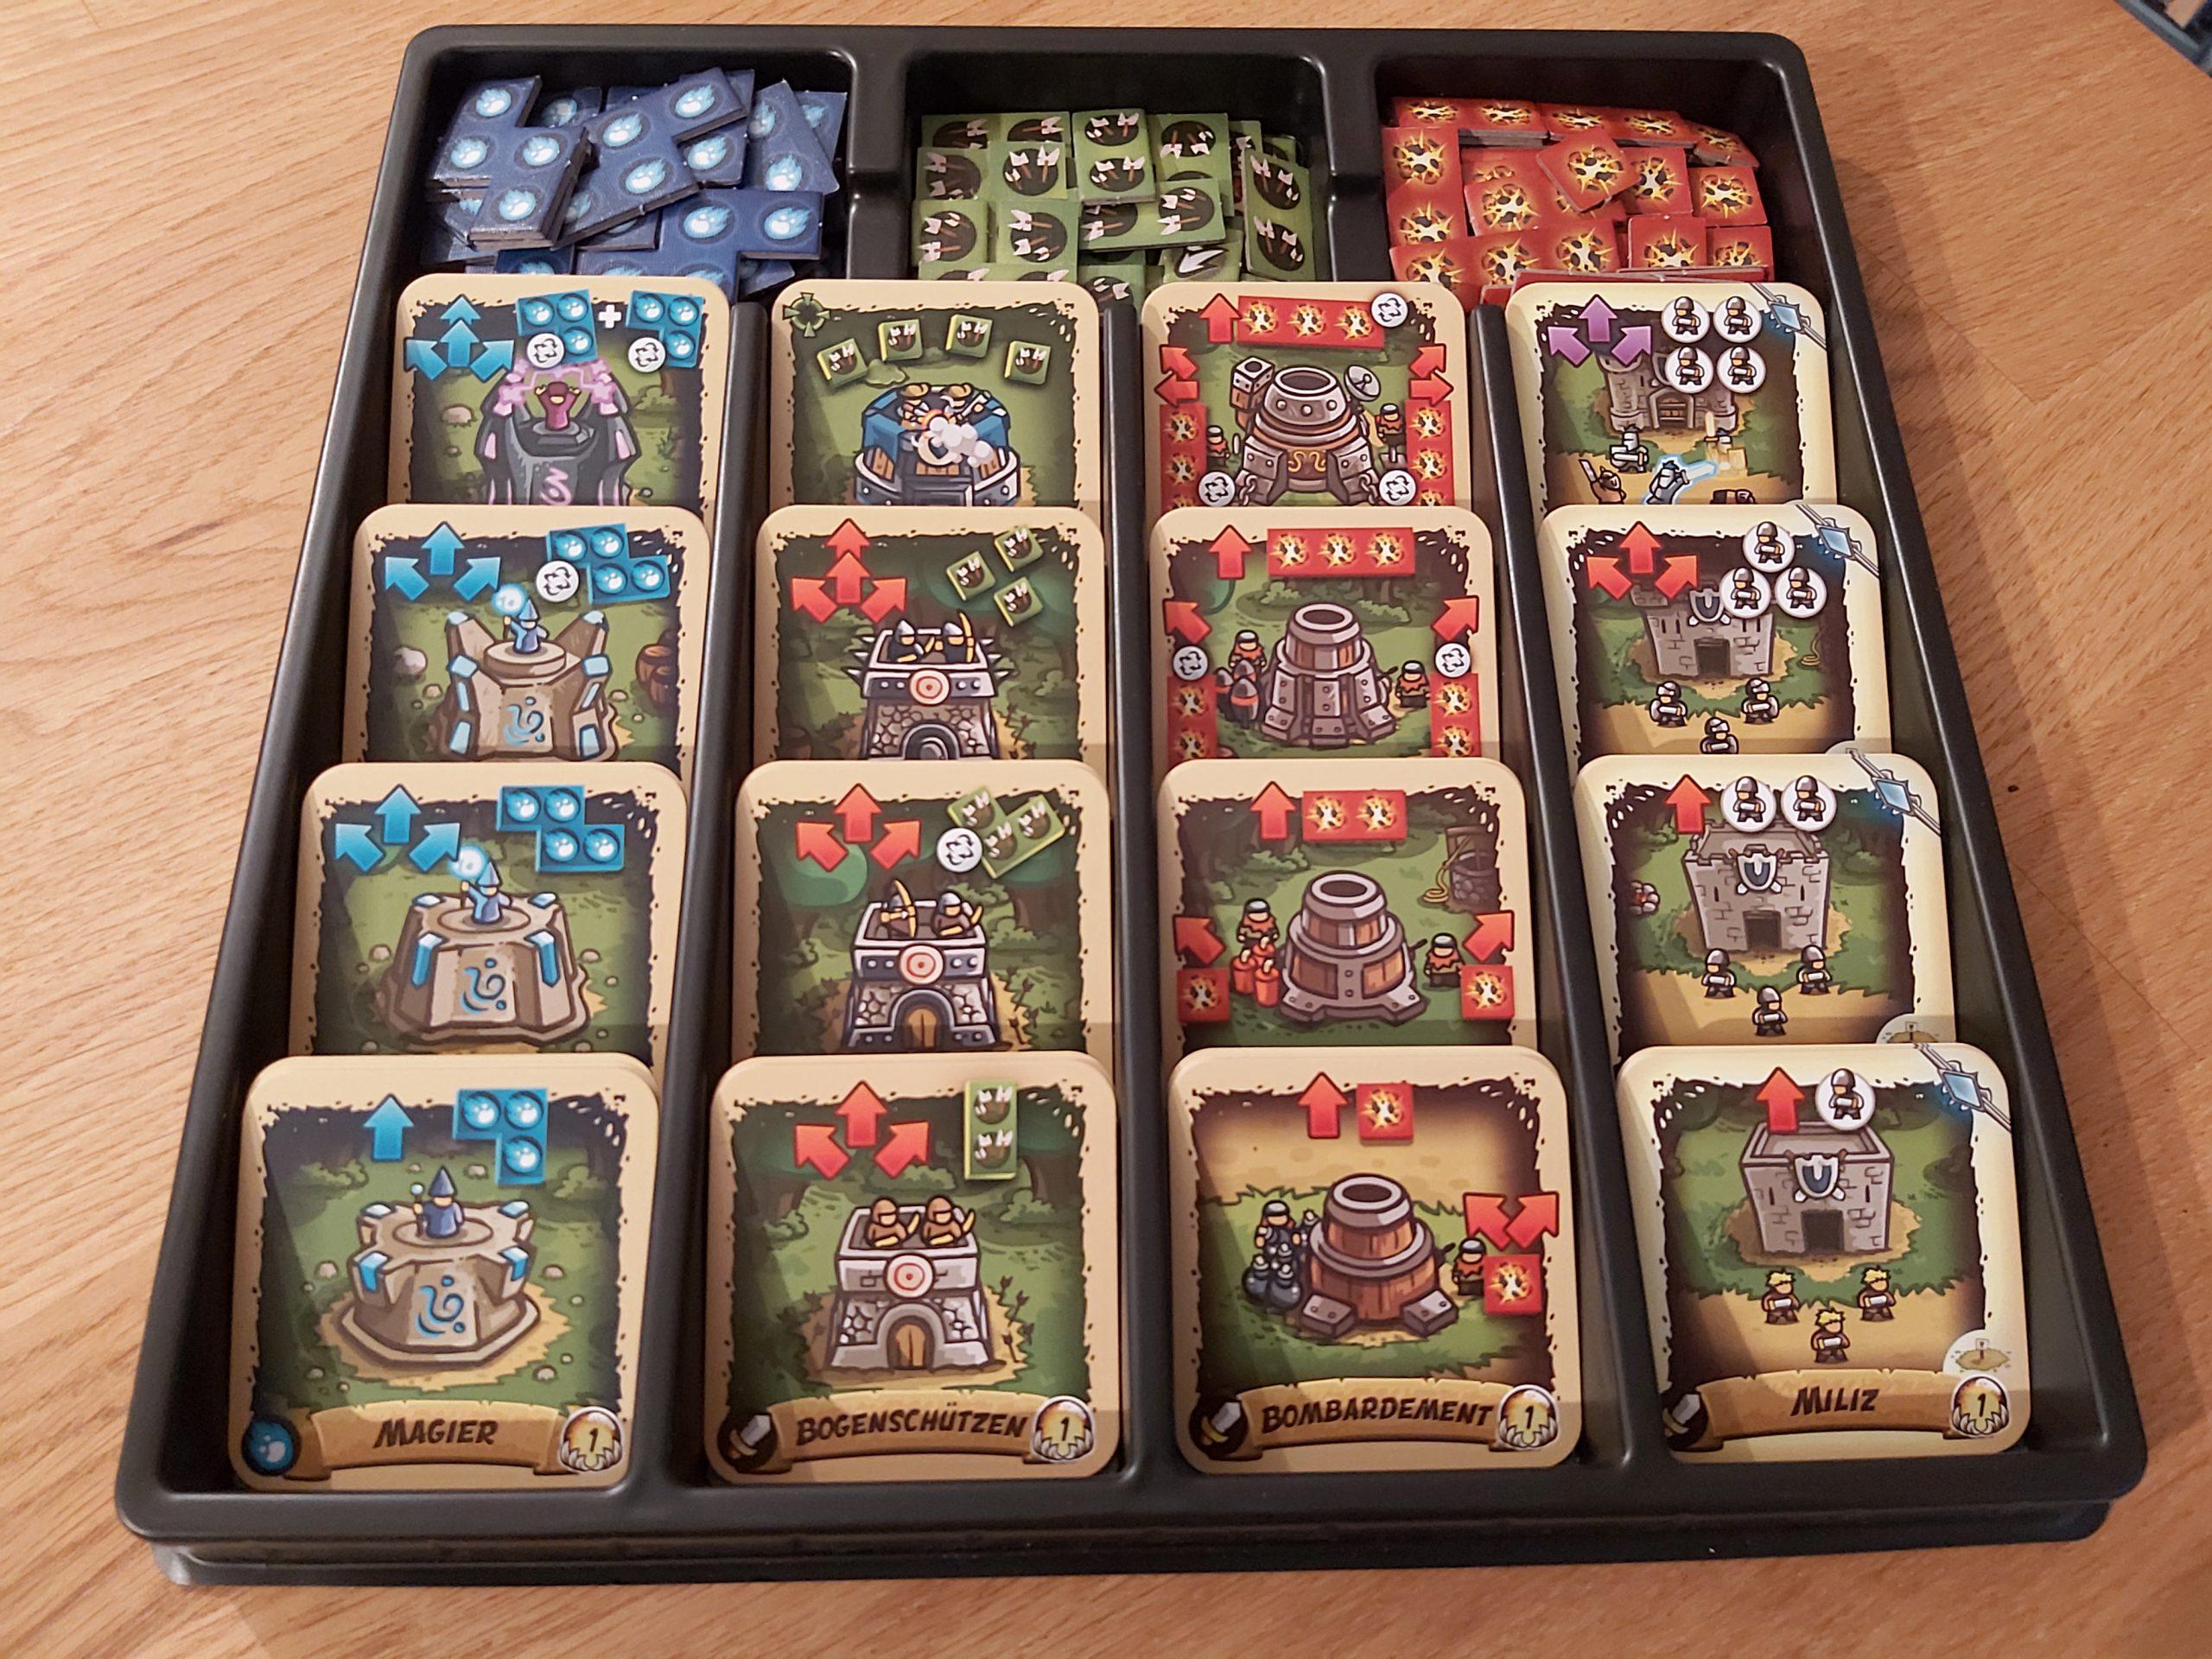 Zu sehen sind die verschiedenen Turmkarten von Kingdom Rush Rift in Time.